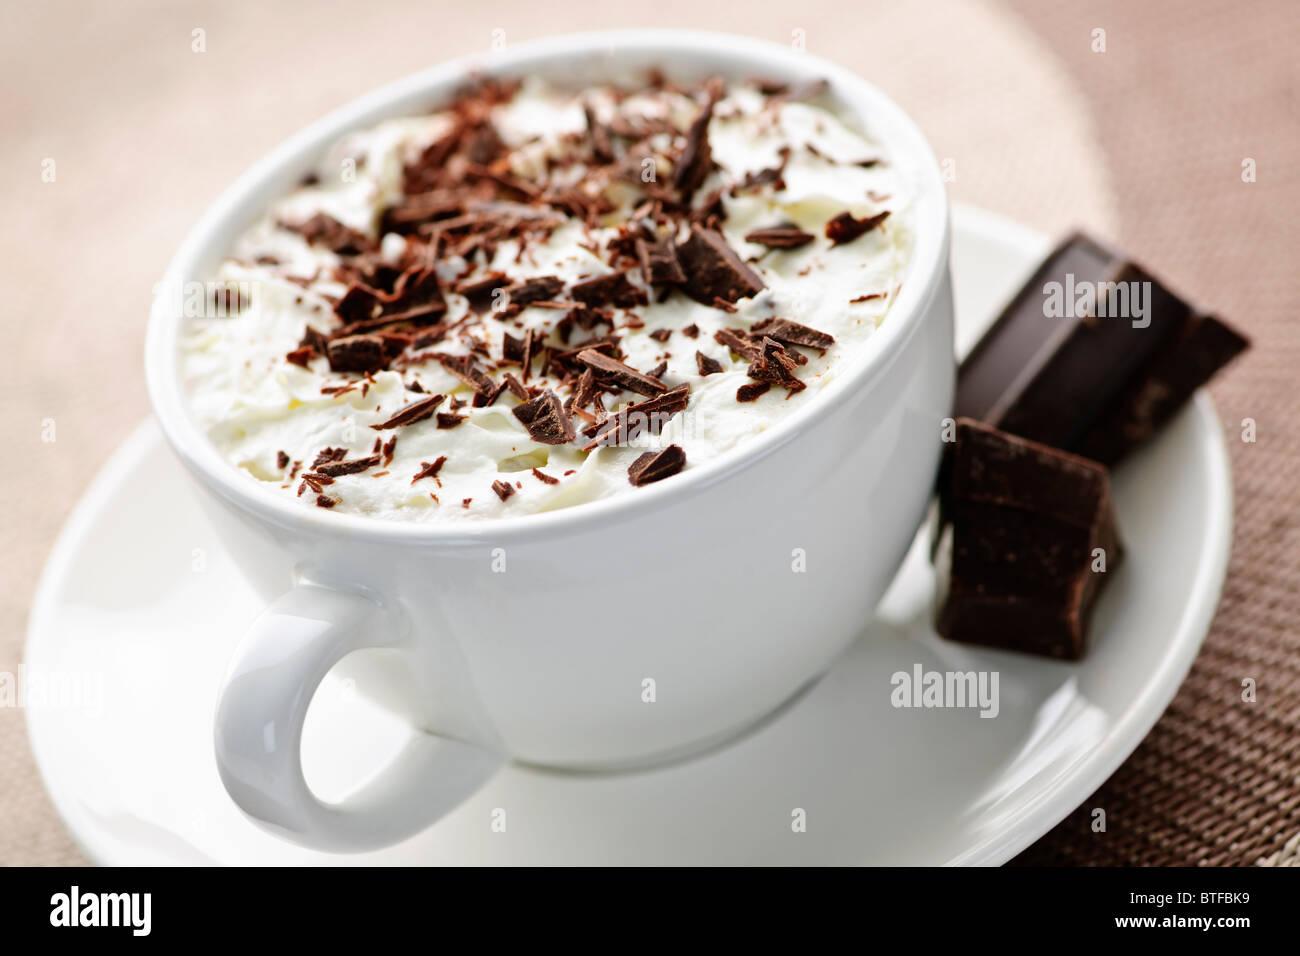 Taza de chocolate caliente con el pelo rasurado, chocolate y crema batida Foto de stock